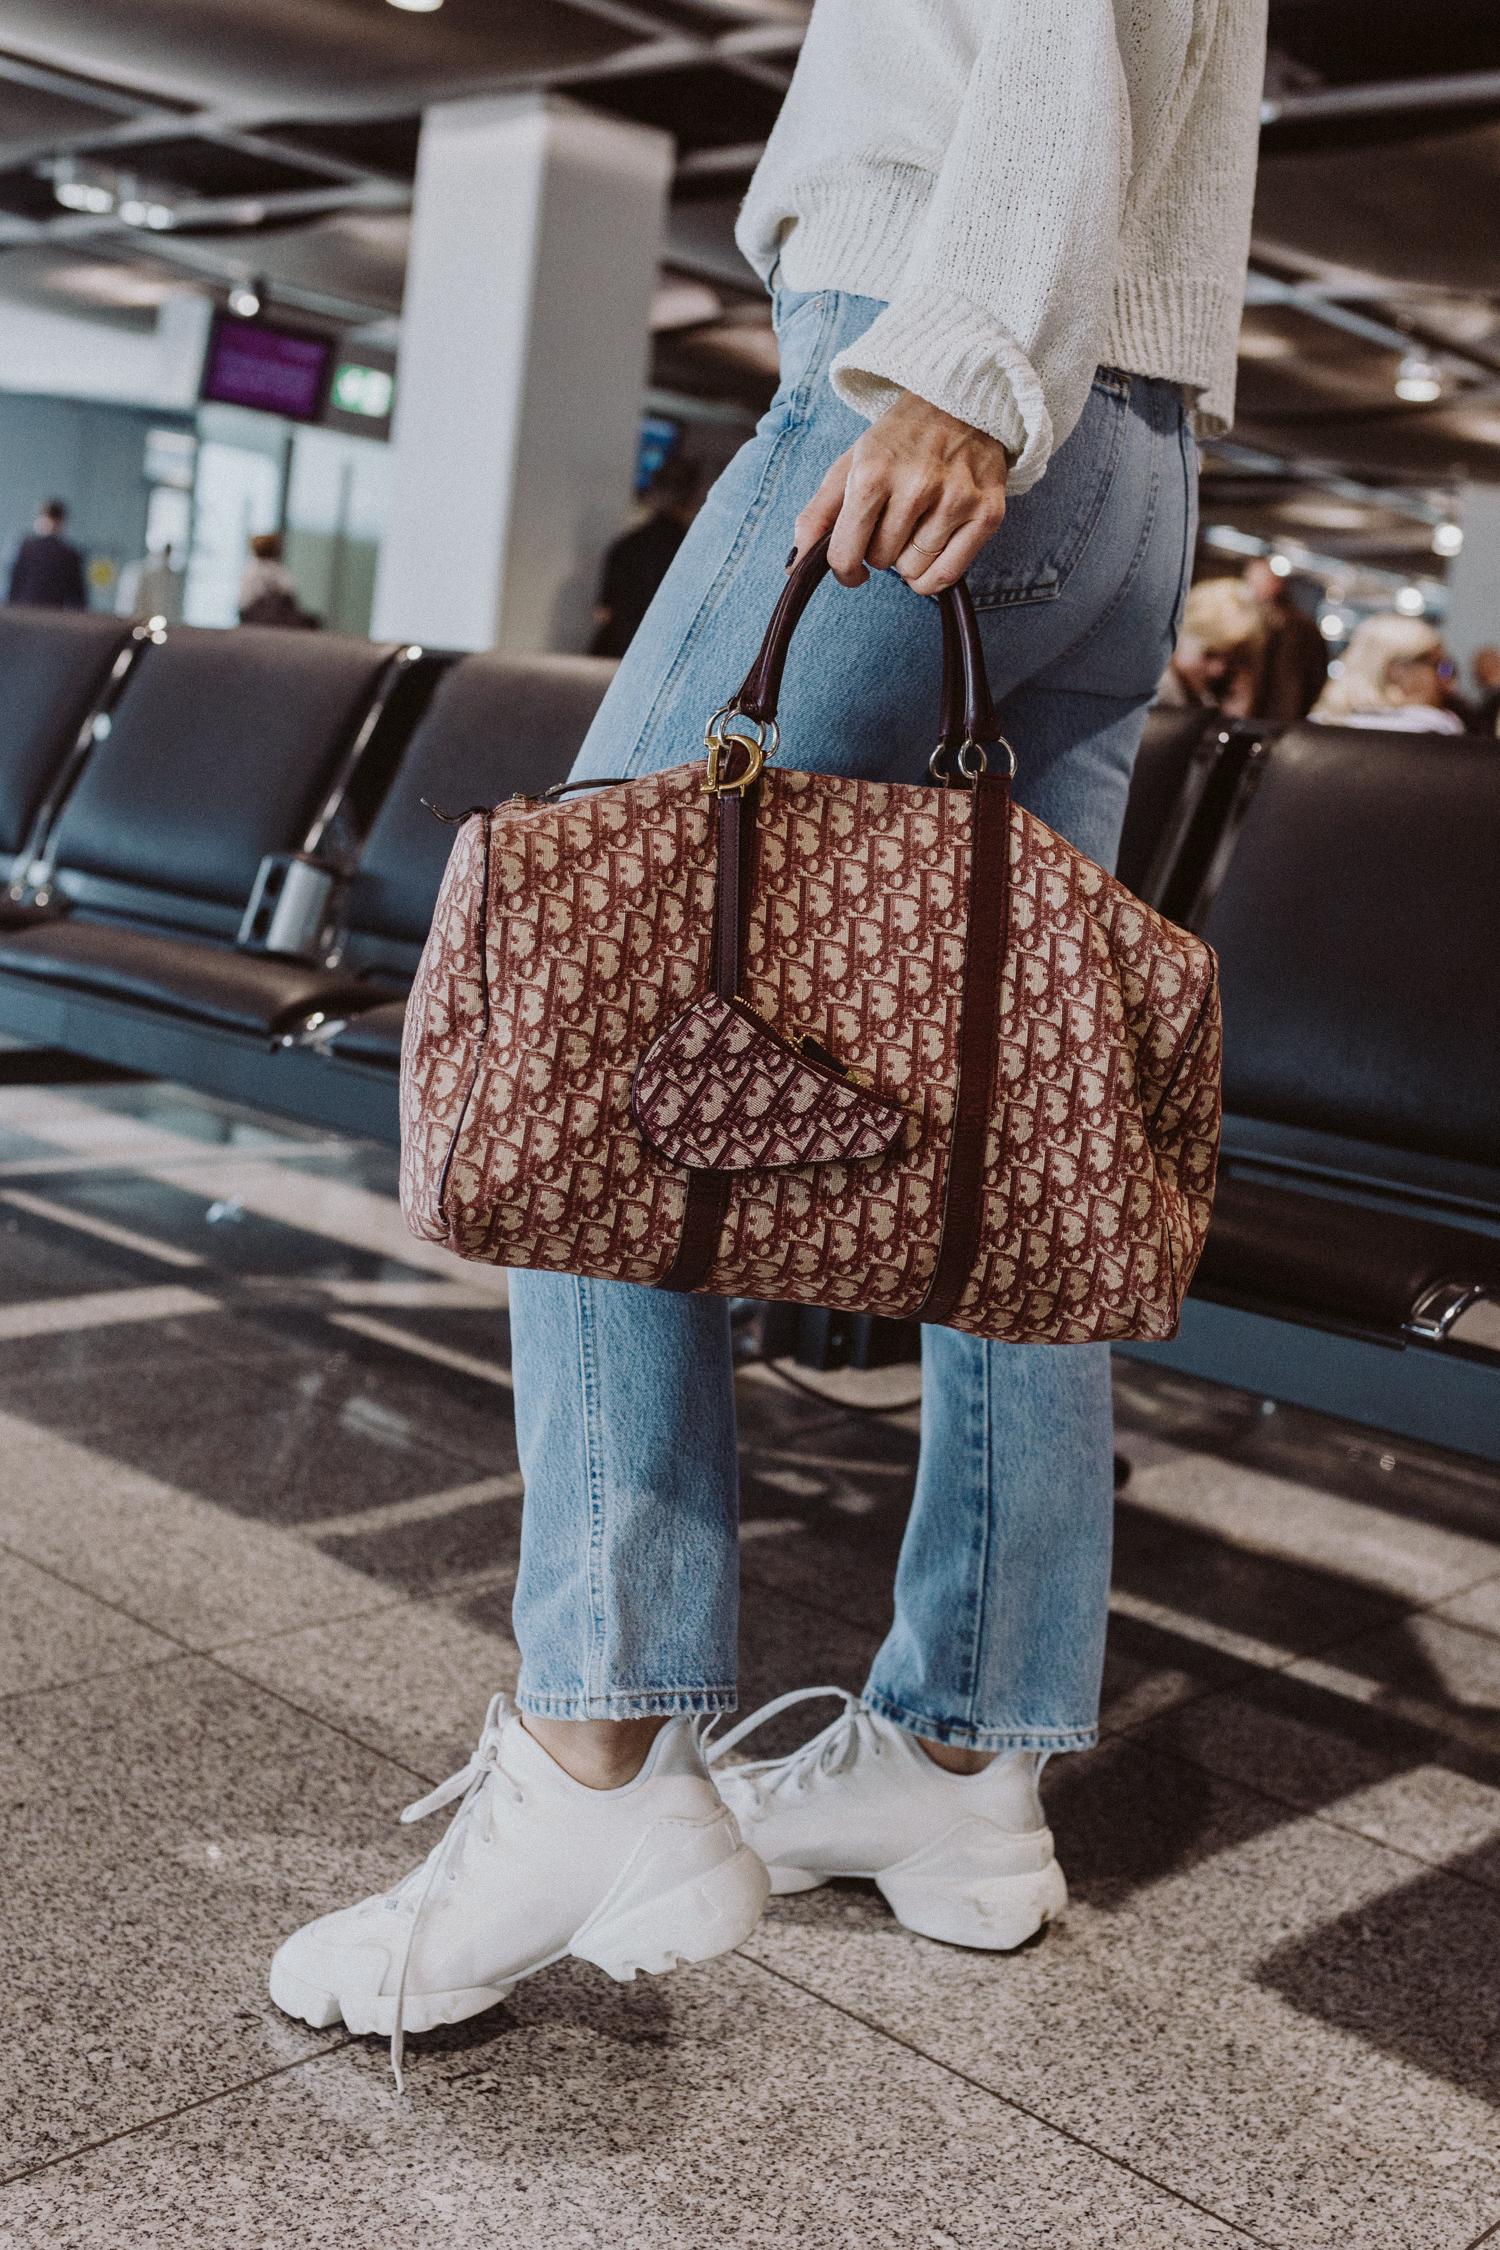 Die besten Weekender Taschen für stylishe Reisen - Love Daily Dose